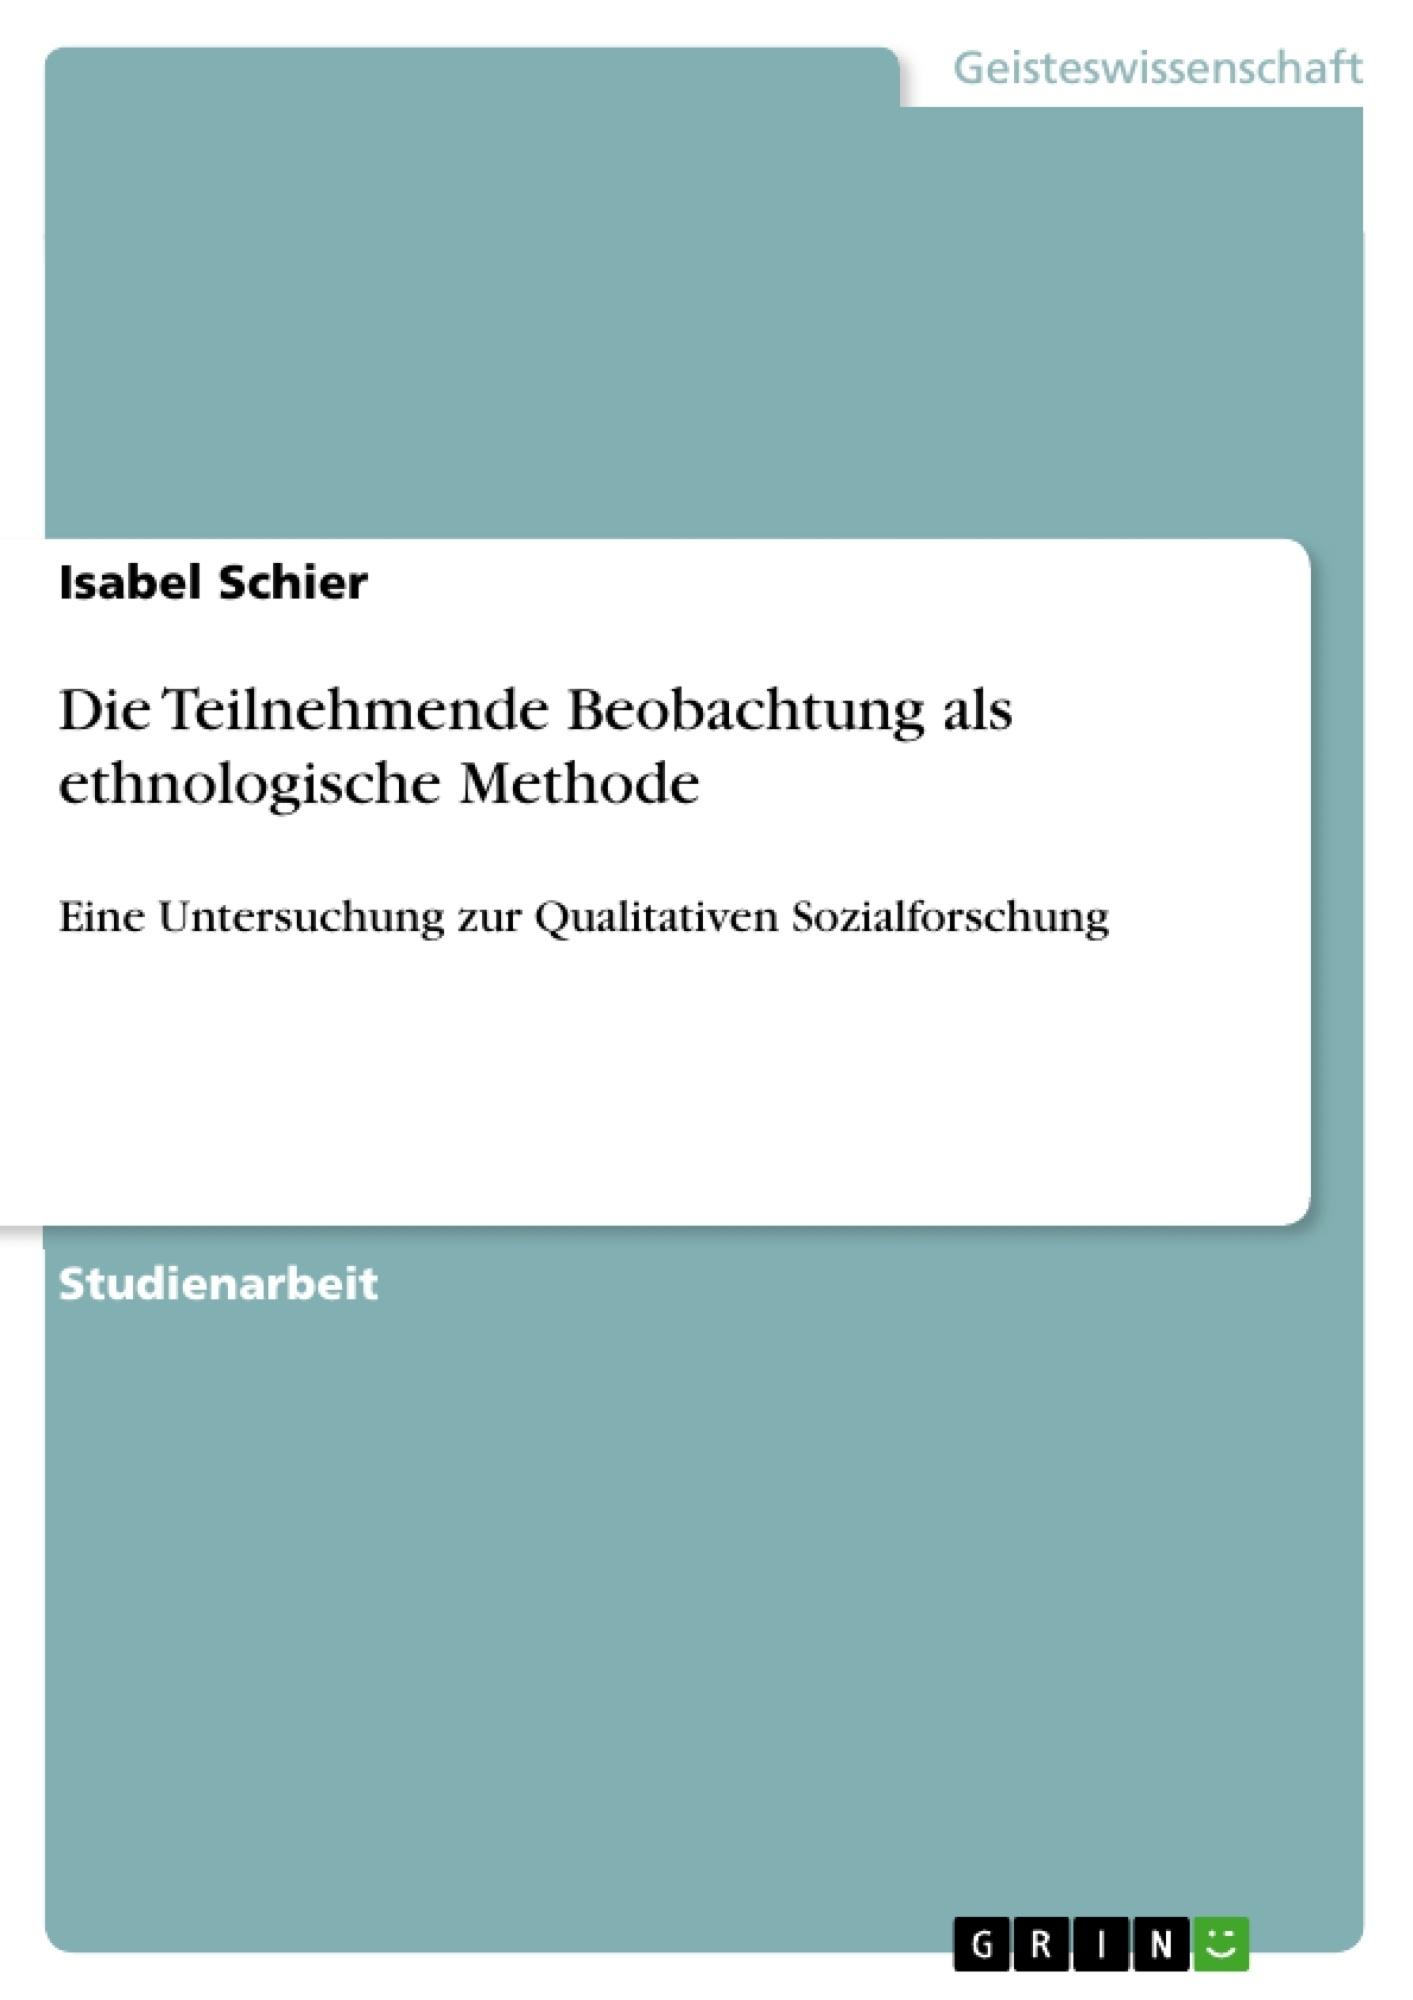 Titel: Die Teilnehmende Beobachtung als ethnologische Methode